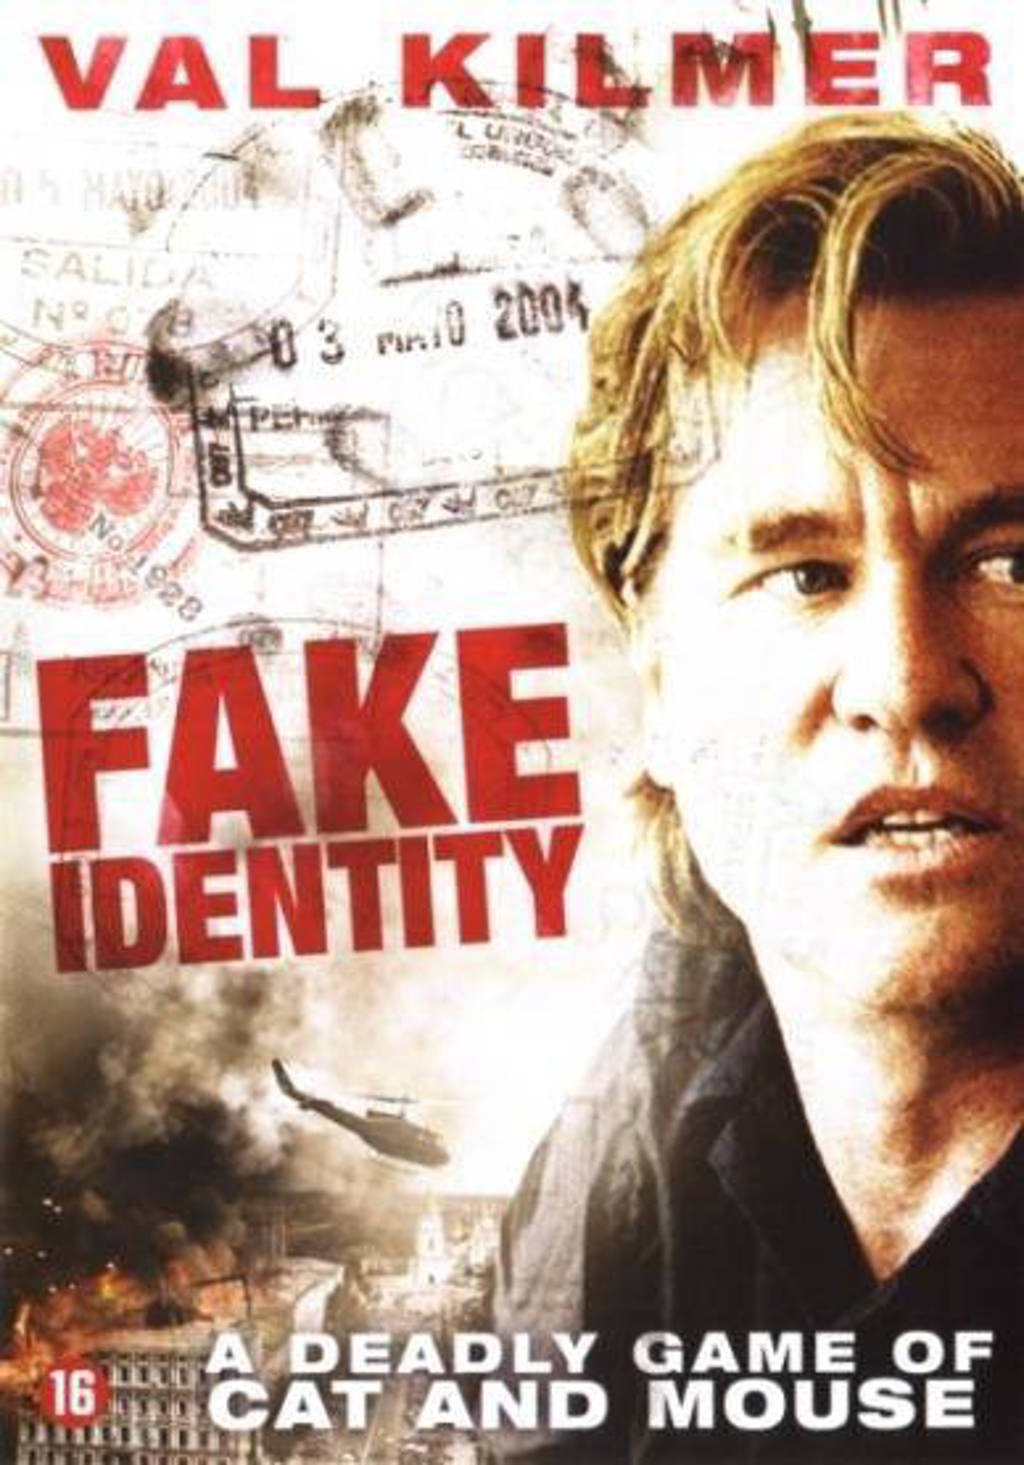 Fake identity (DVD)